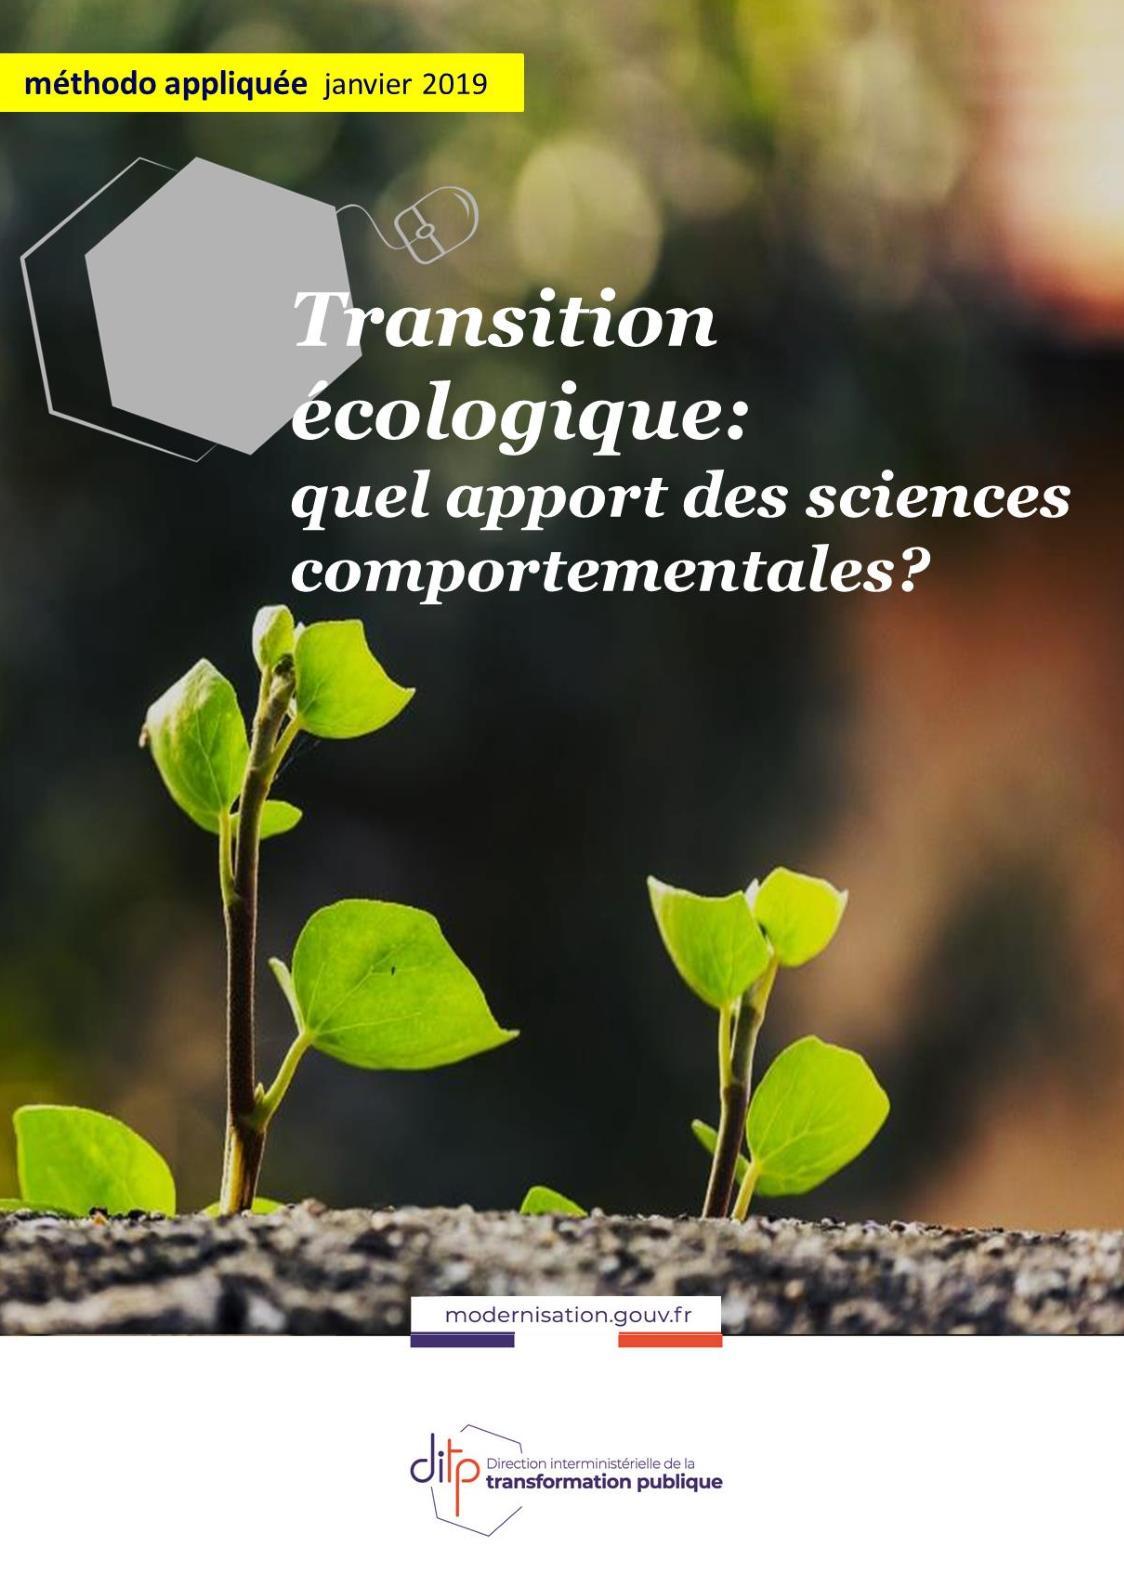 Transition écologique : l'apport des sciences comportementales